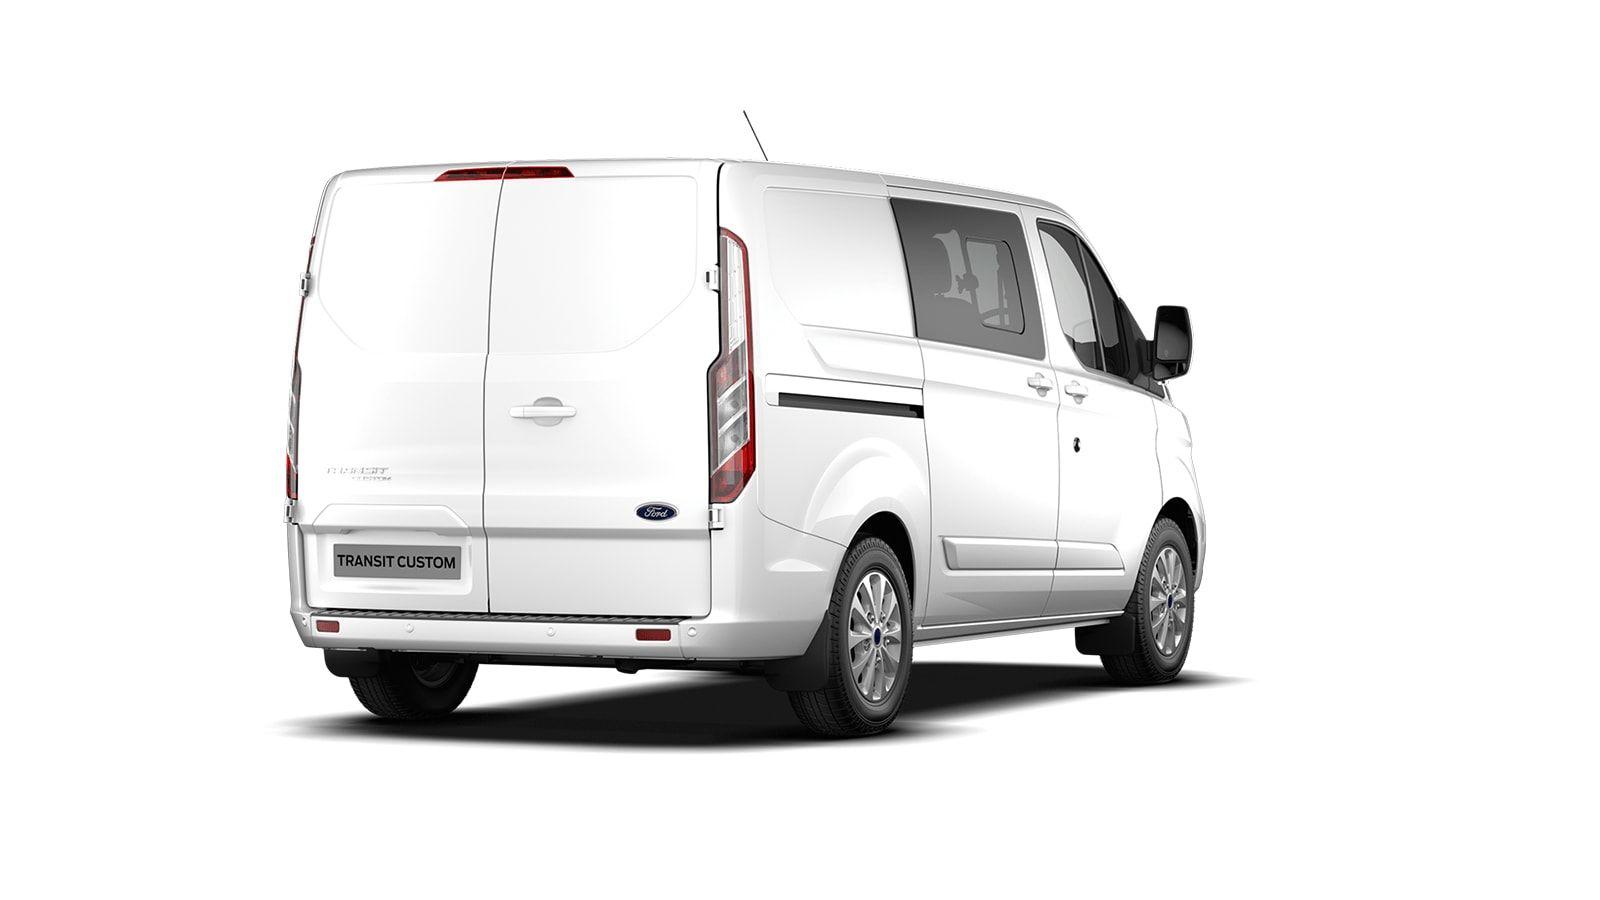 Nieuw Ford Transit custom 320L Multi use: bestelwagen met dubbele cabine L1 Limited MS BYW - niet-metaalkleur: Frozen White 3